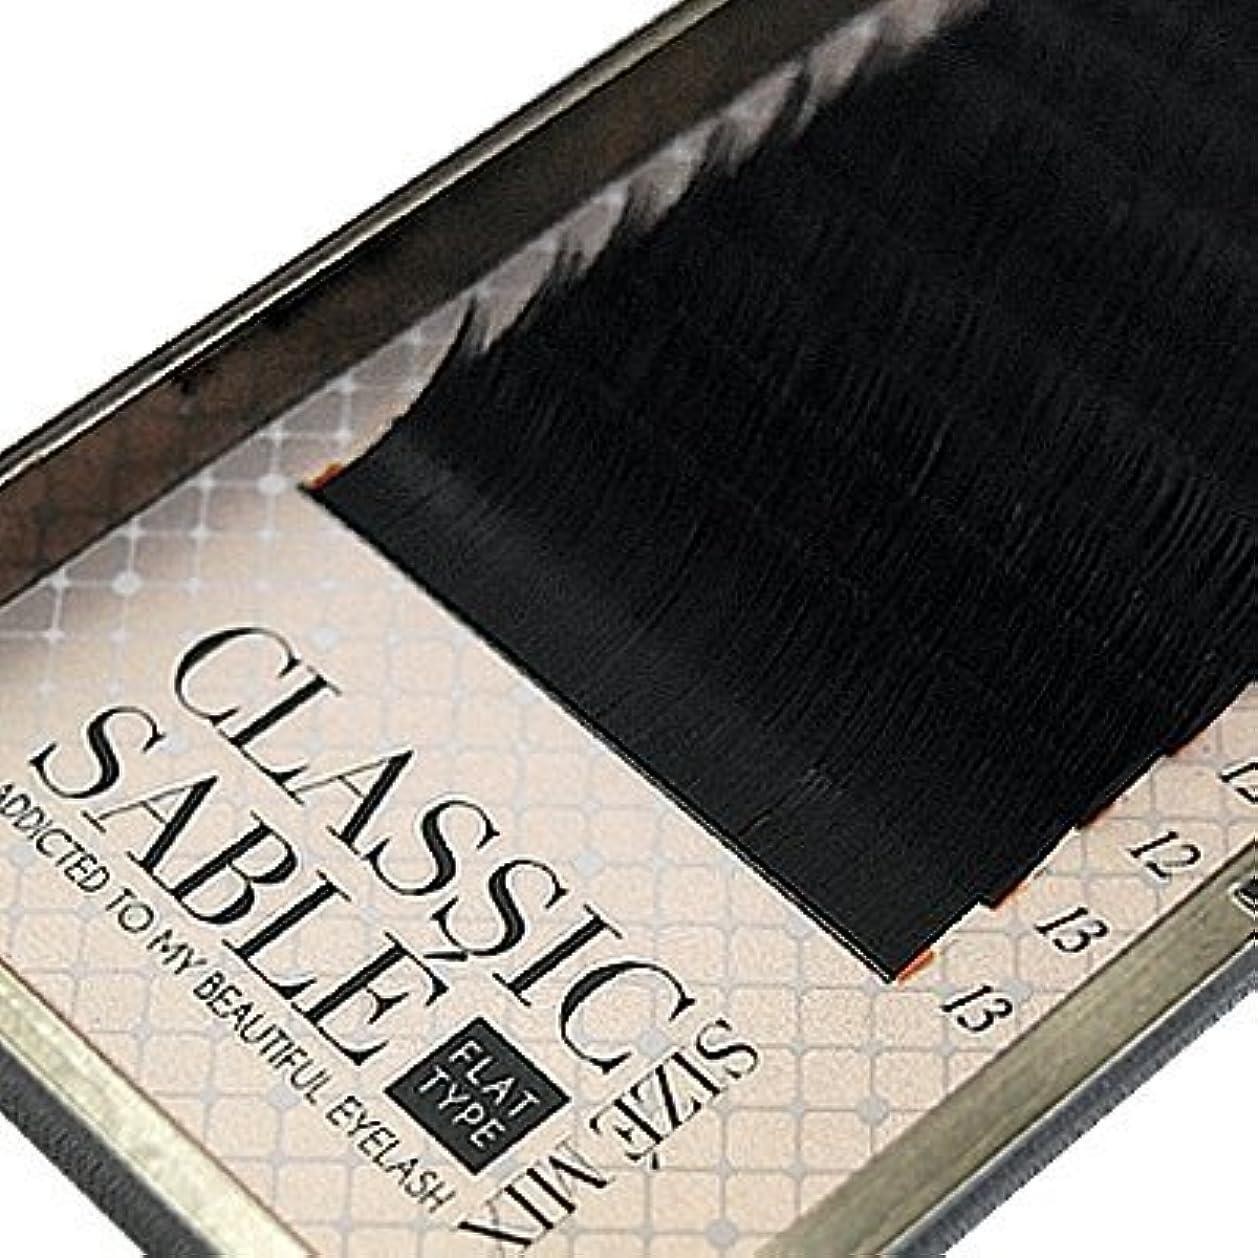 パールシュート小川【amass Bona】クラシックセーブル フラットタイプ Cカール サイズMIX×0.15mm